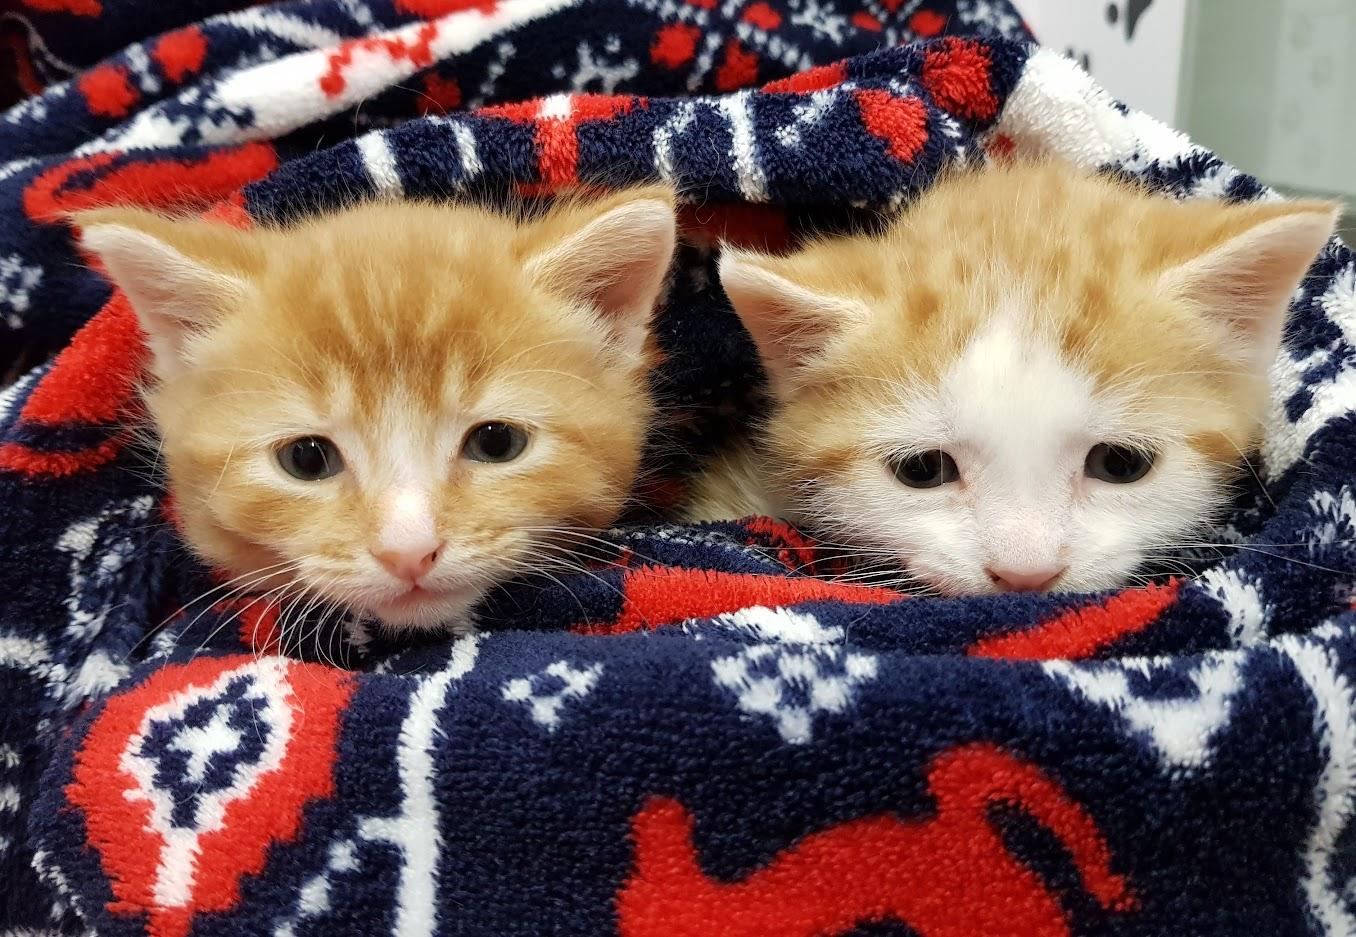 Kittens in a blanket